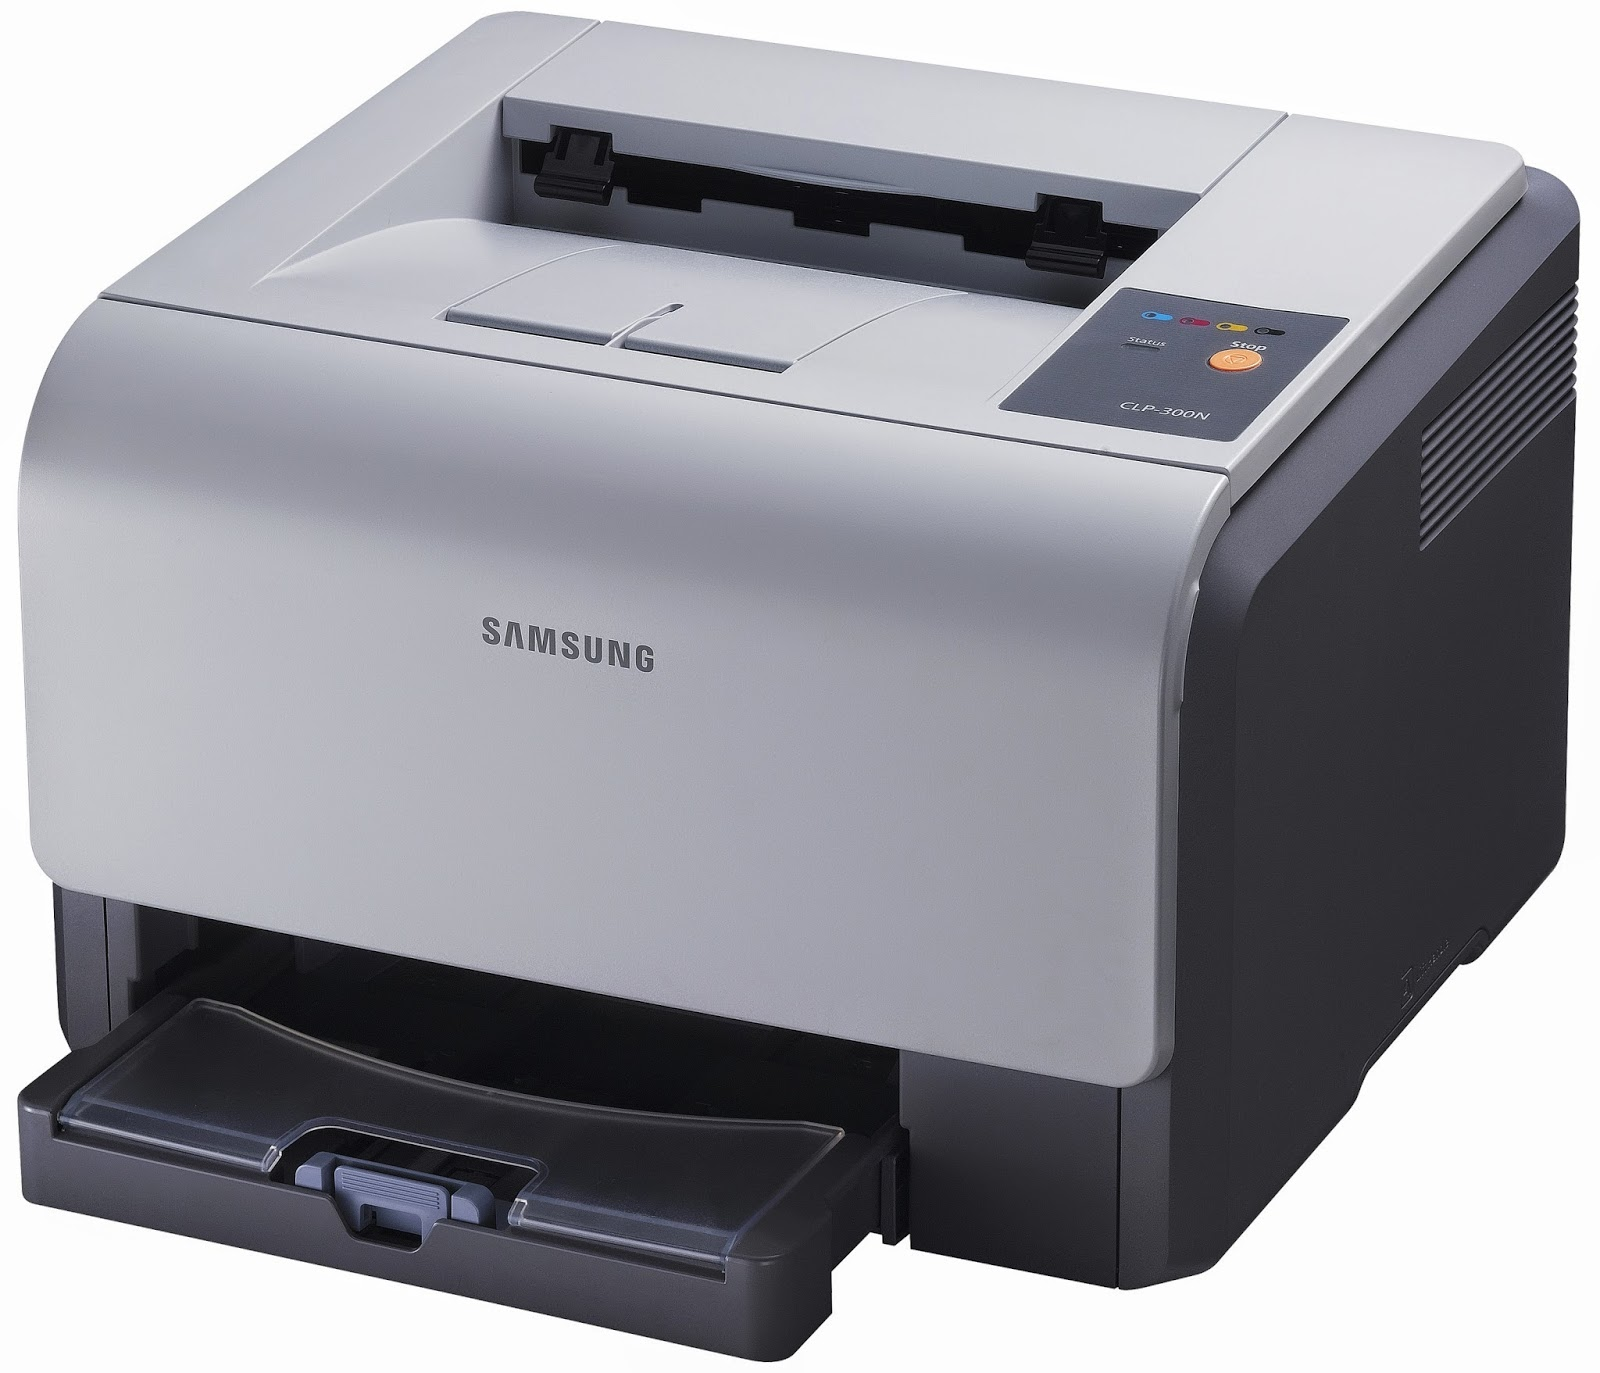 Samsung scx 300 драйвер скачать